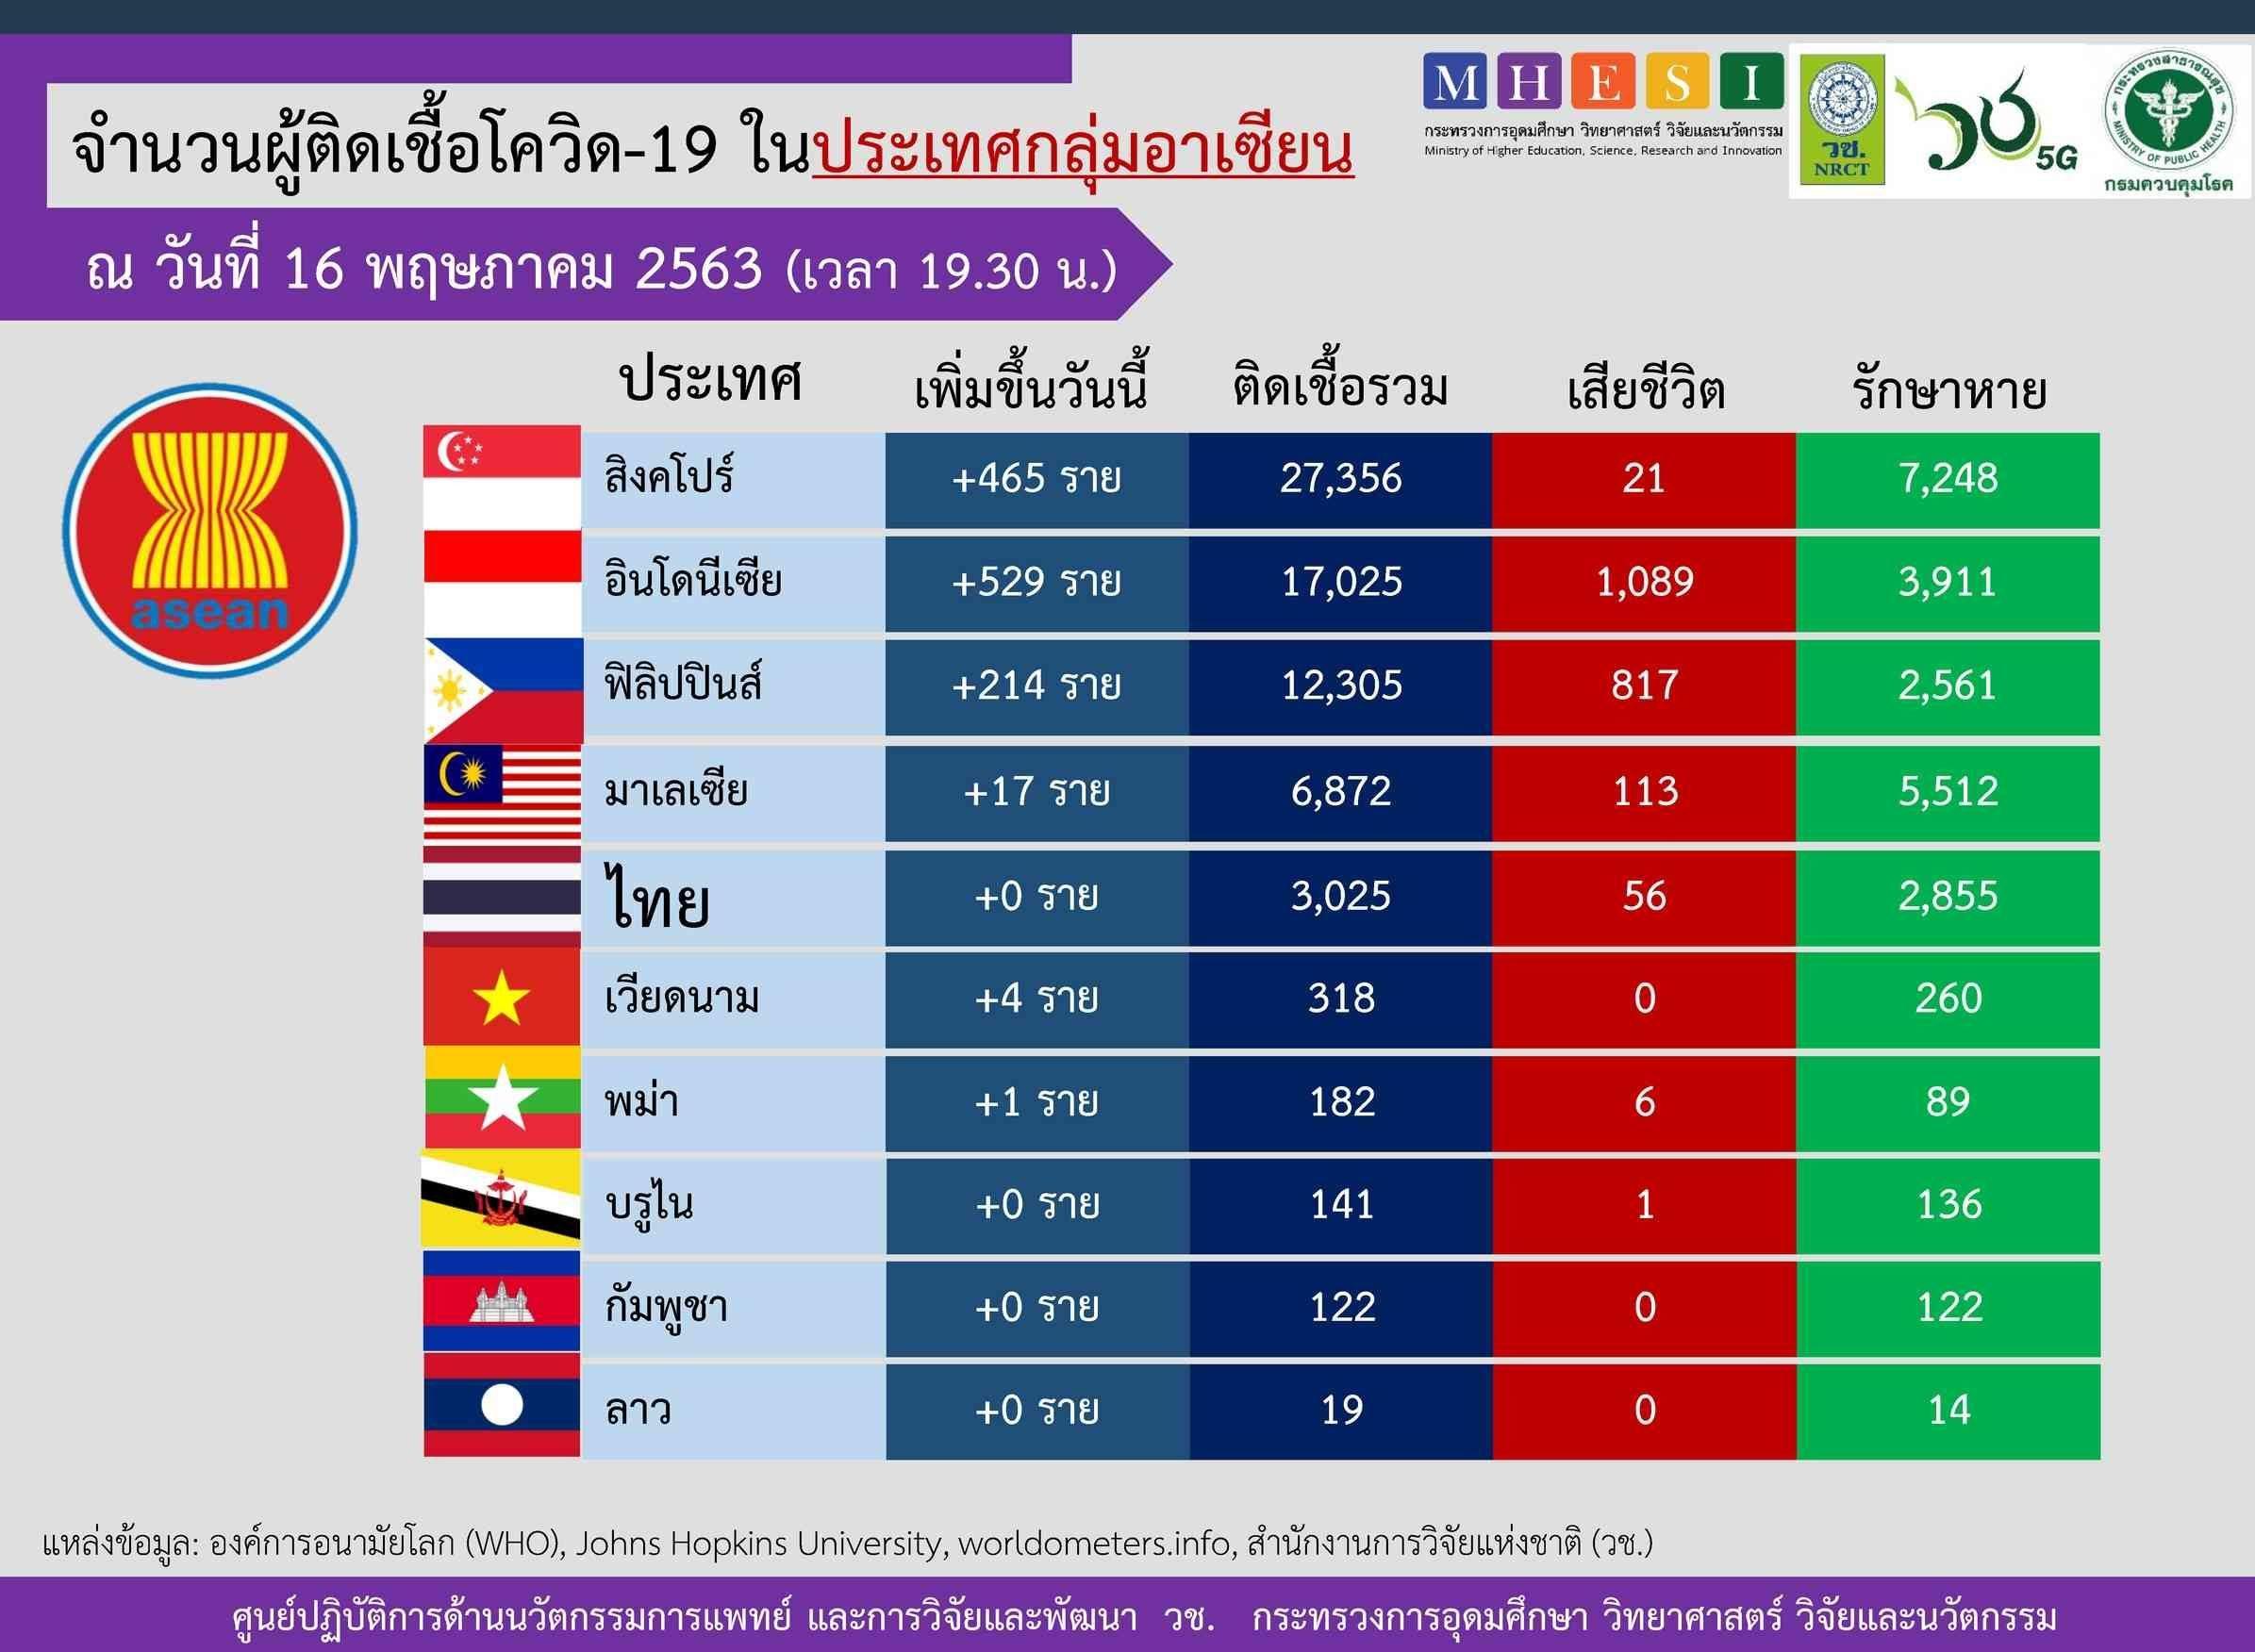 4 ประเทศอาเซียนเฮ!! พบยอดผู้ติดเชื้อโควิดเป็น 0